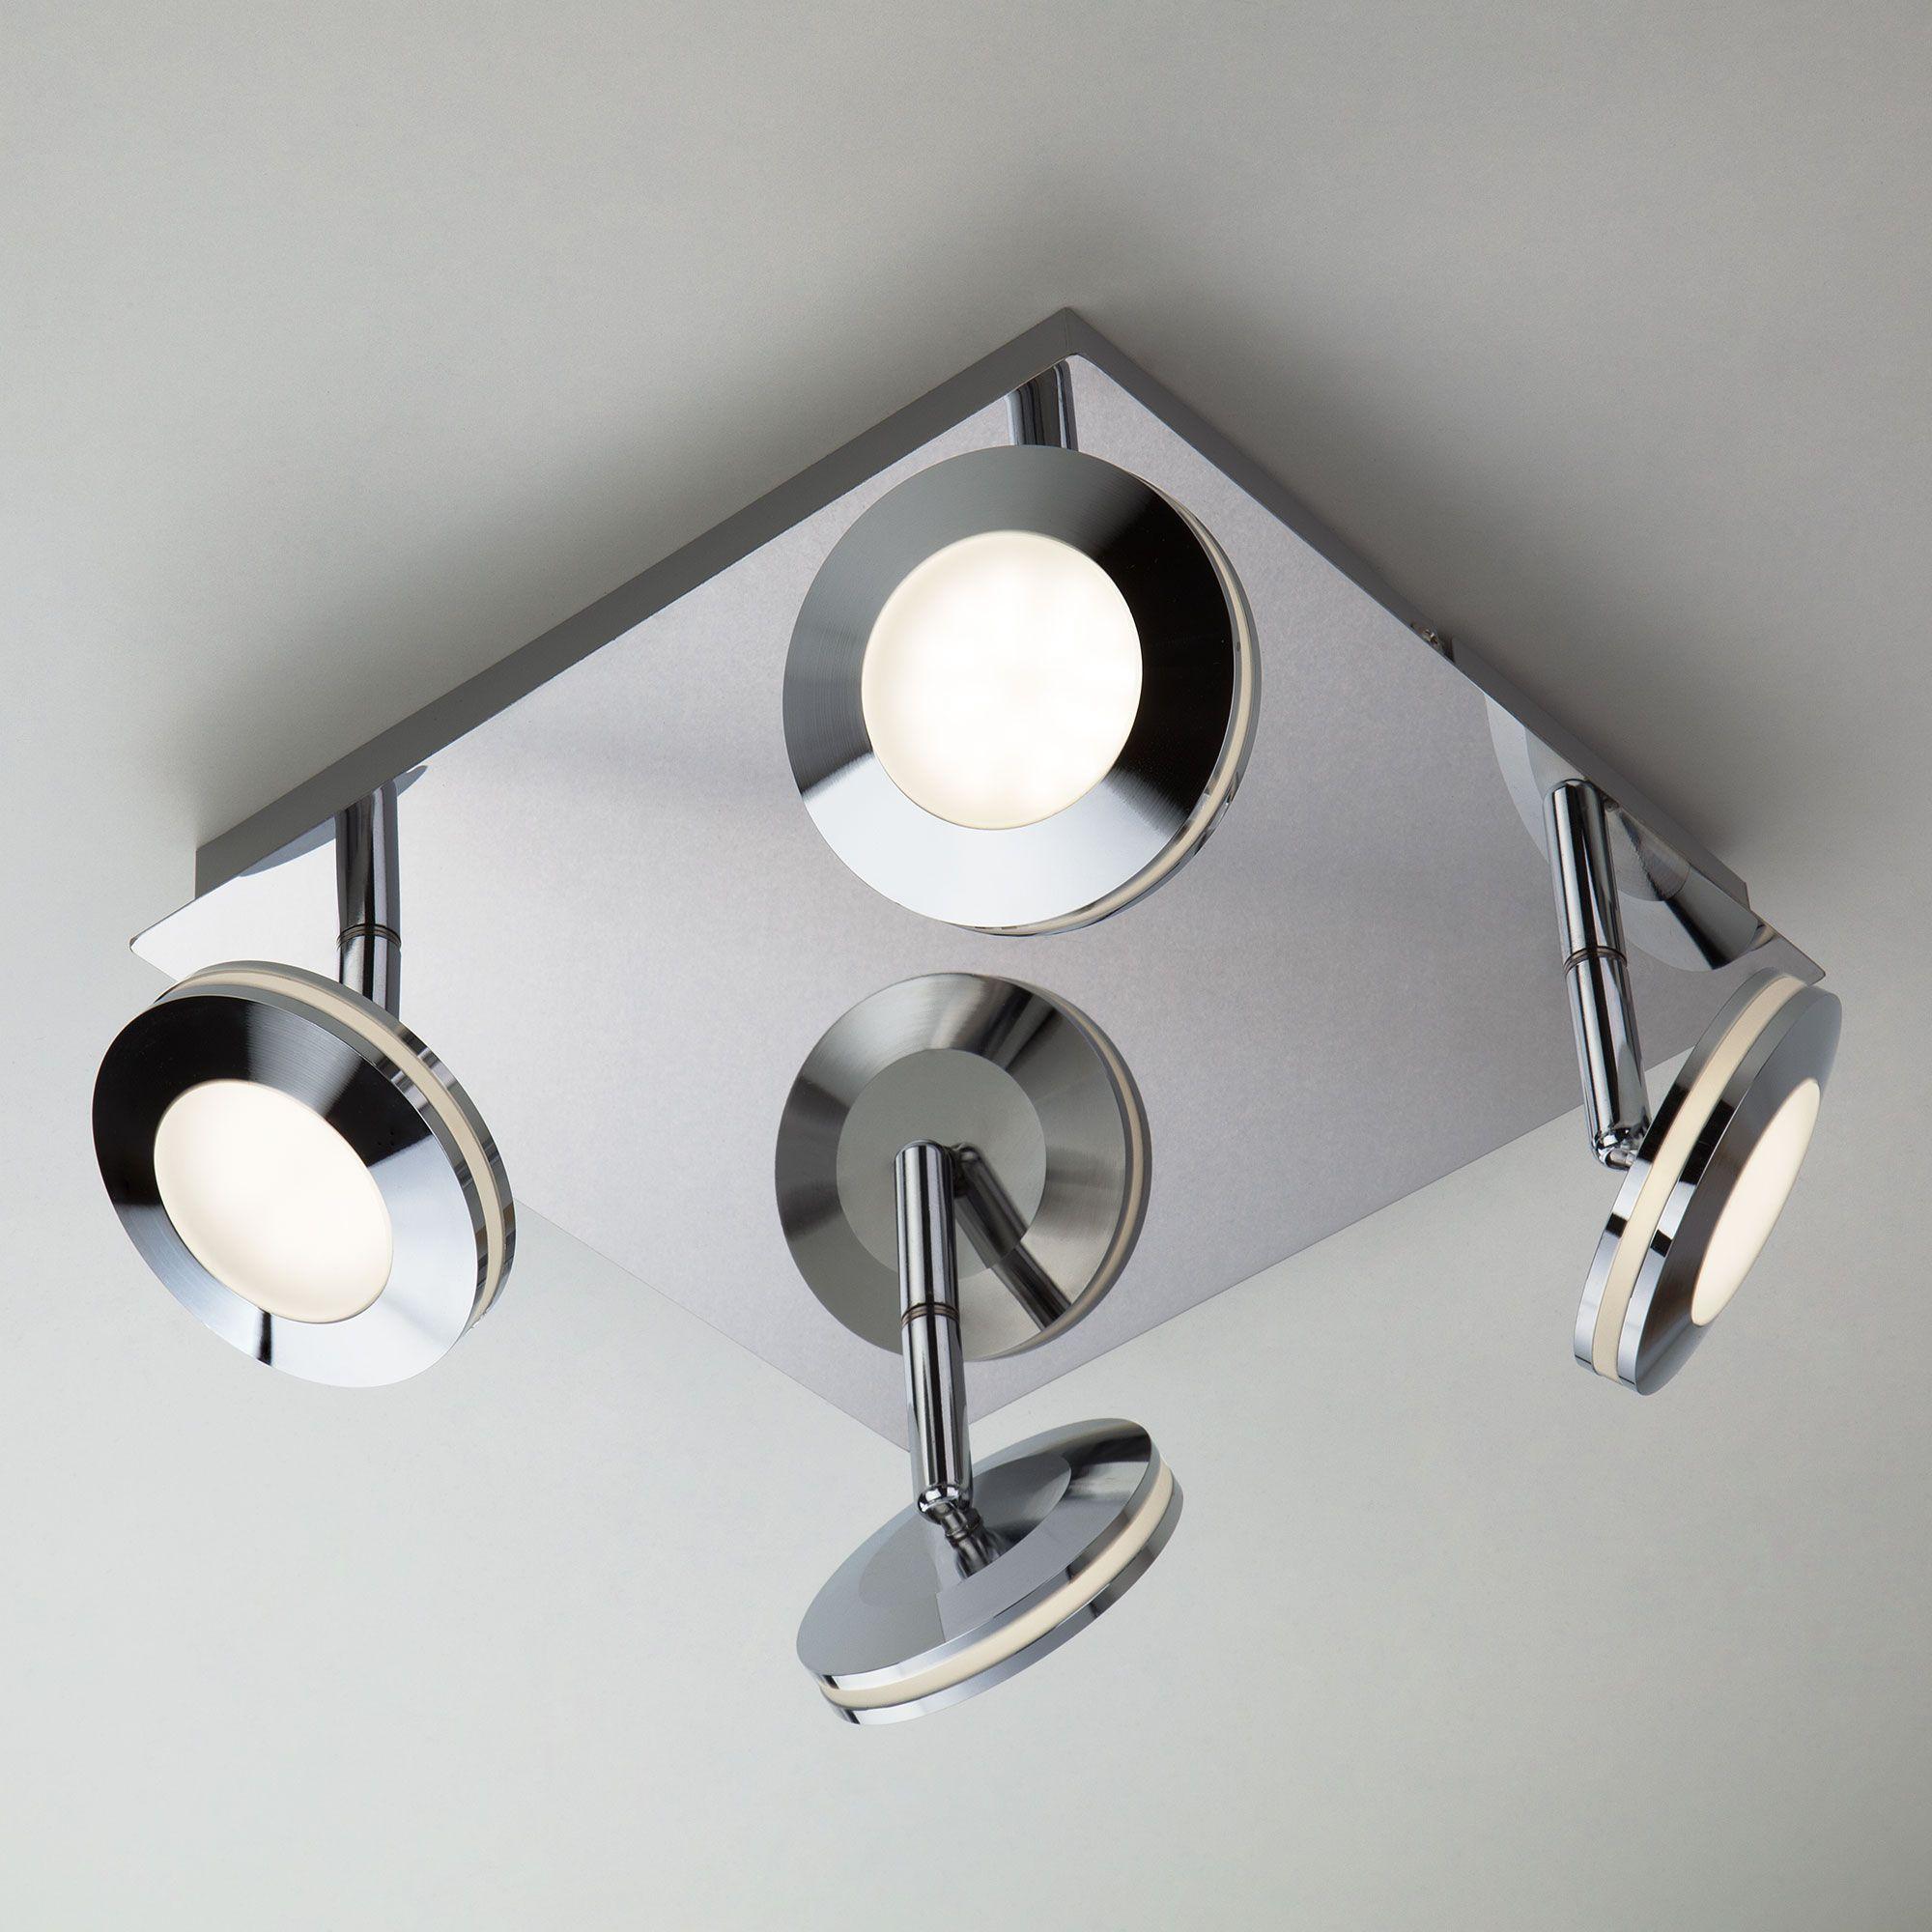 Светодиодный потолочный светильник с поворотными плафонами 20002/4 хром